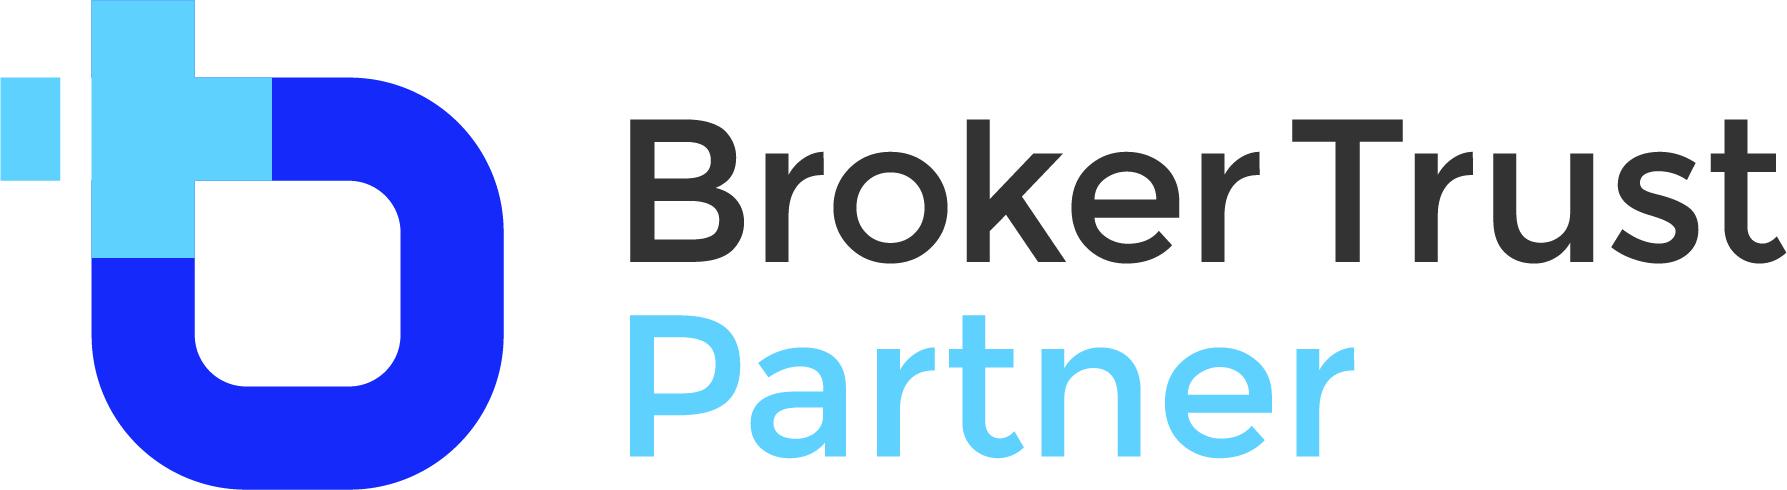 logo_brokertrust_partner_new